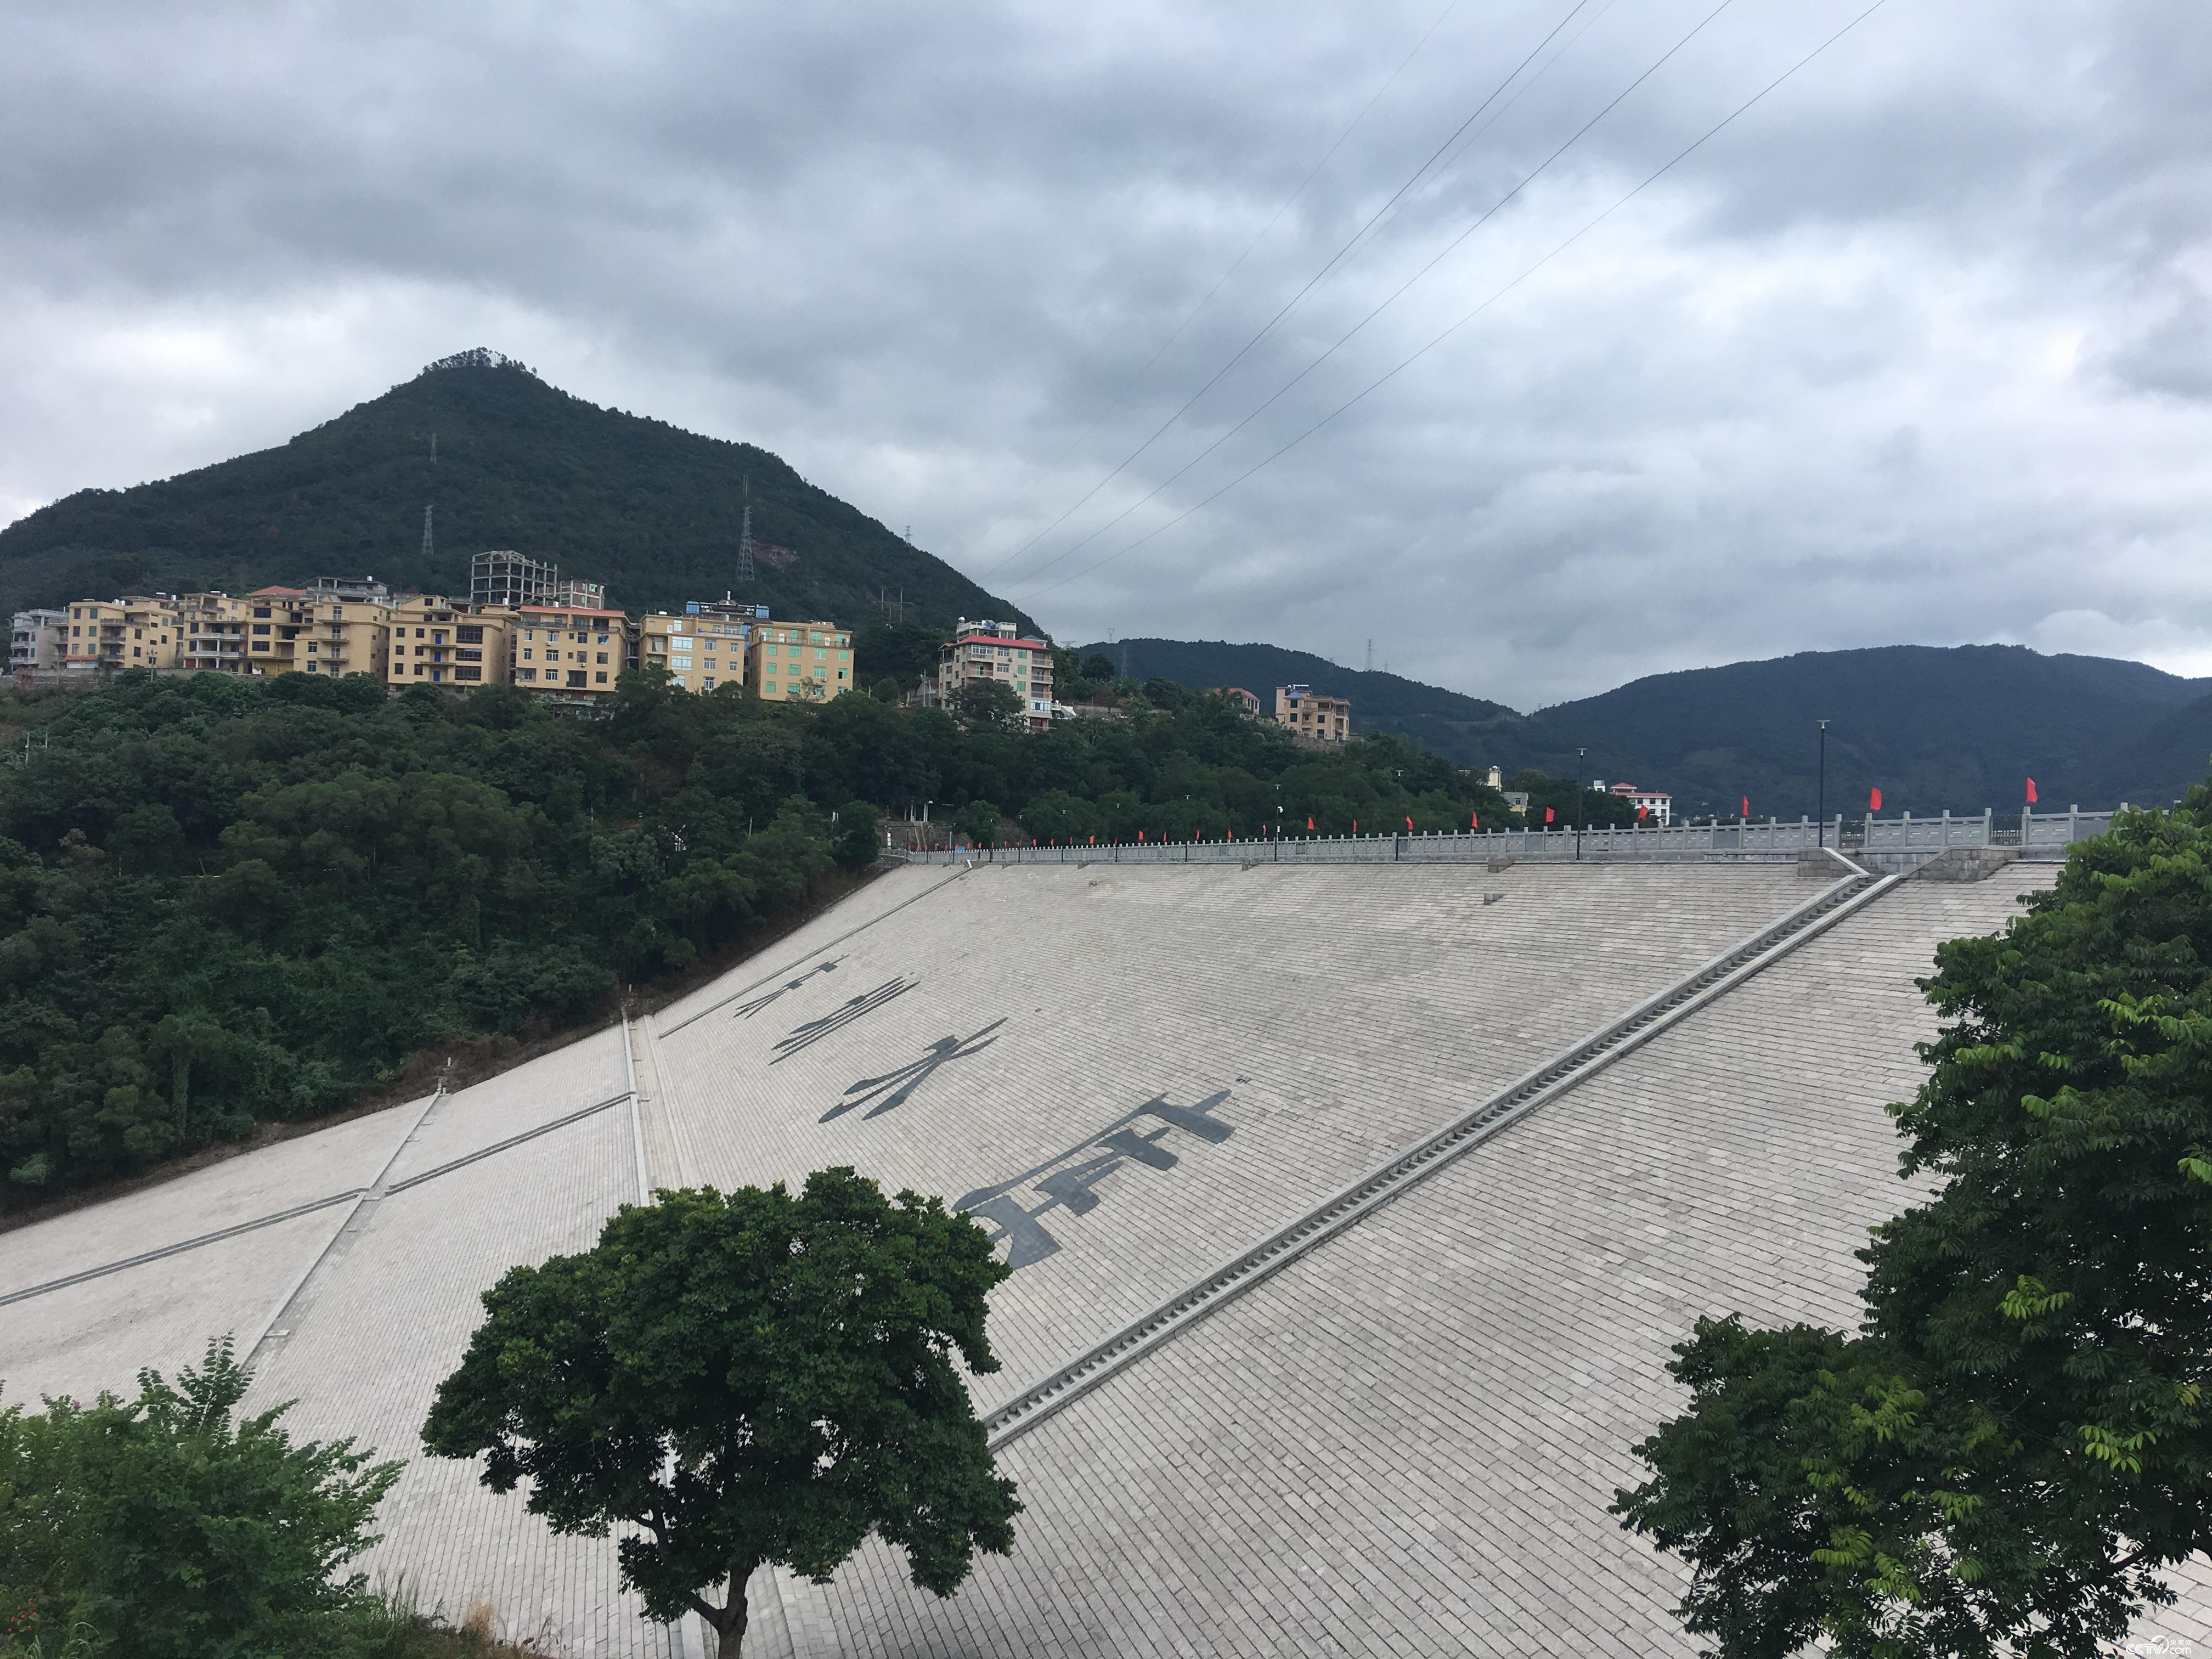 系统治理后,东圳水库水质已稳定达到Ⅱ类标准,150万莆田人民喝上了更好的饮用水。(摄/徐辉)